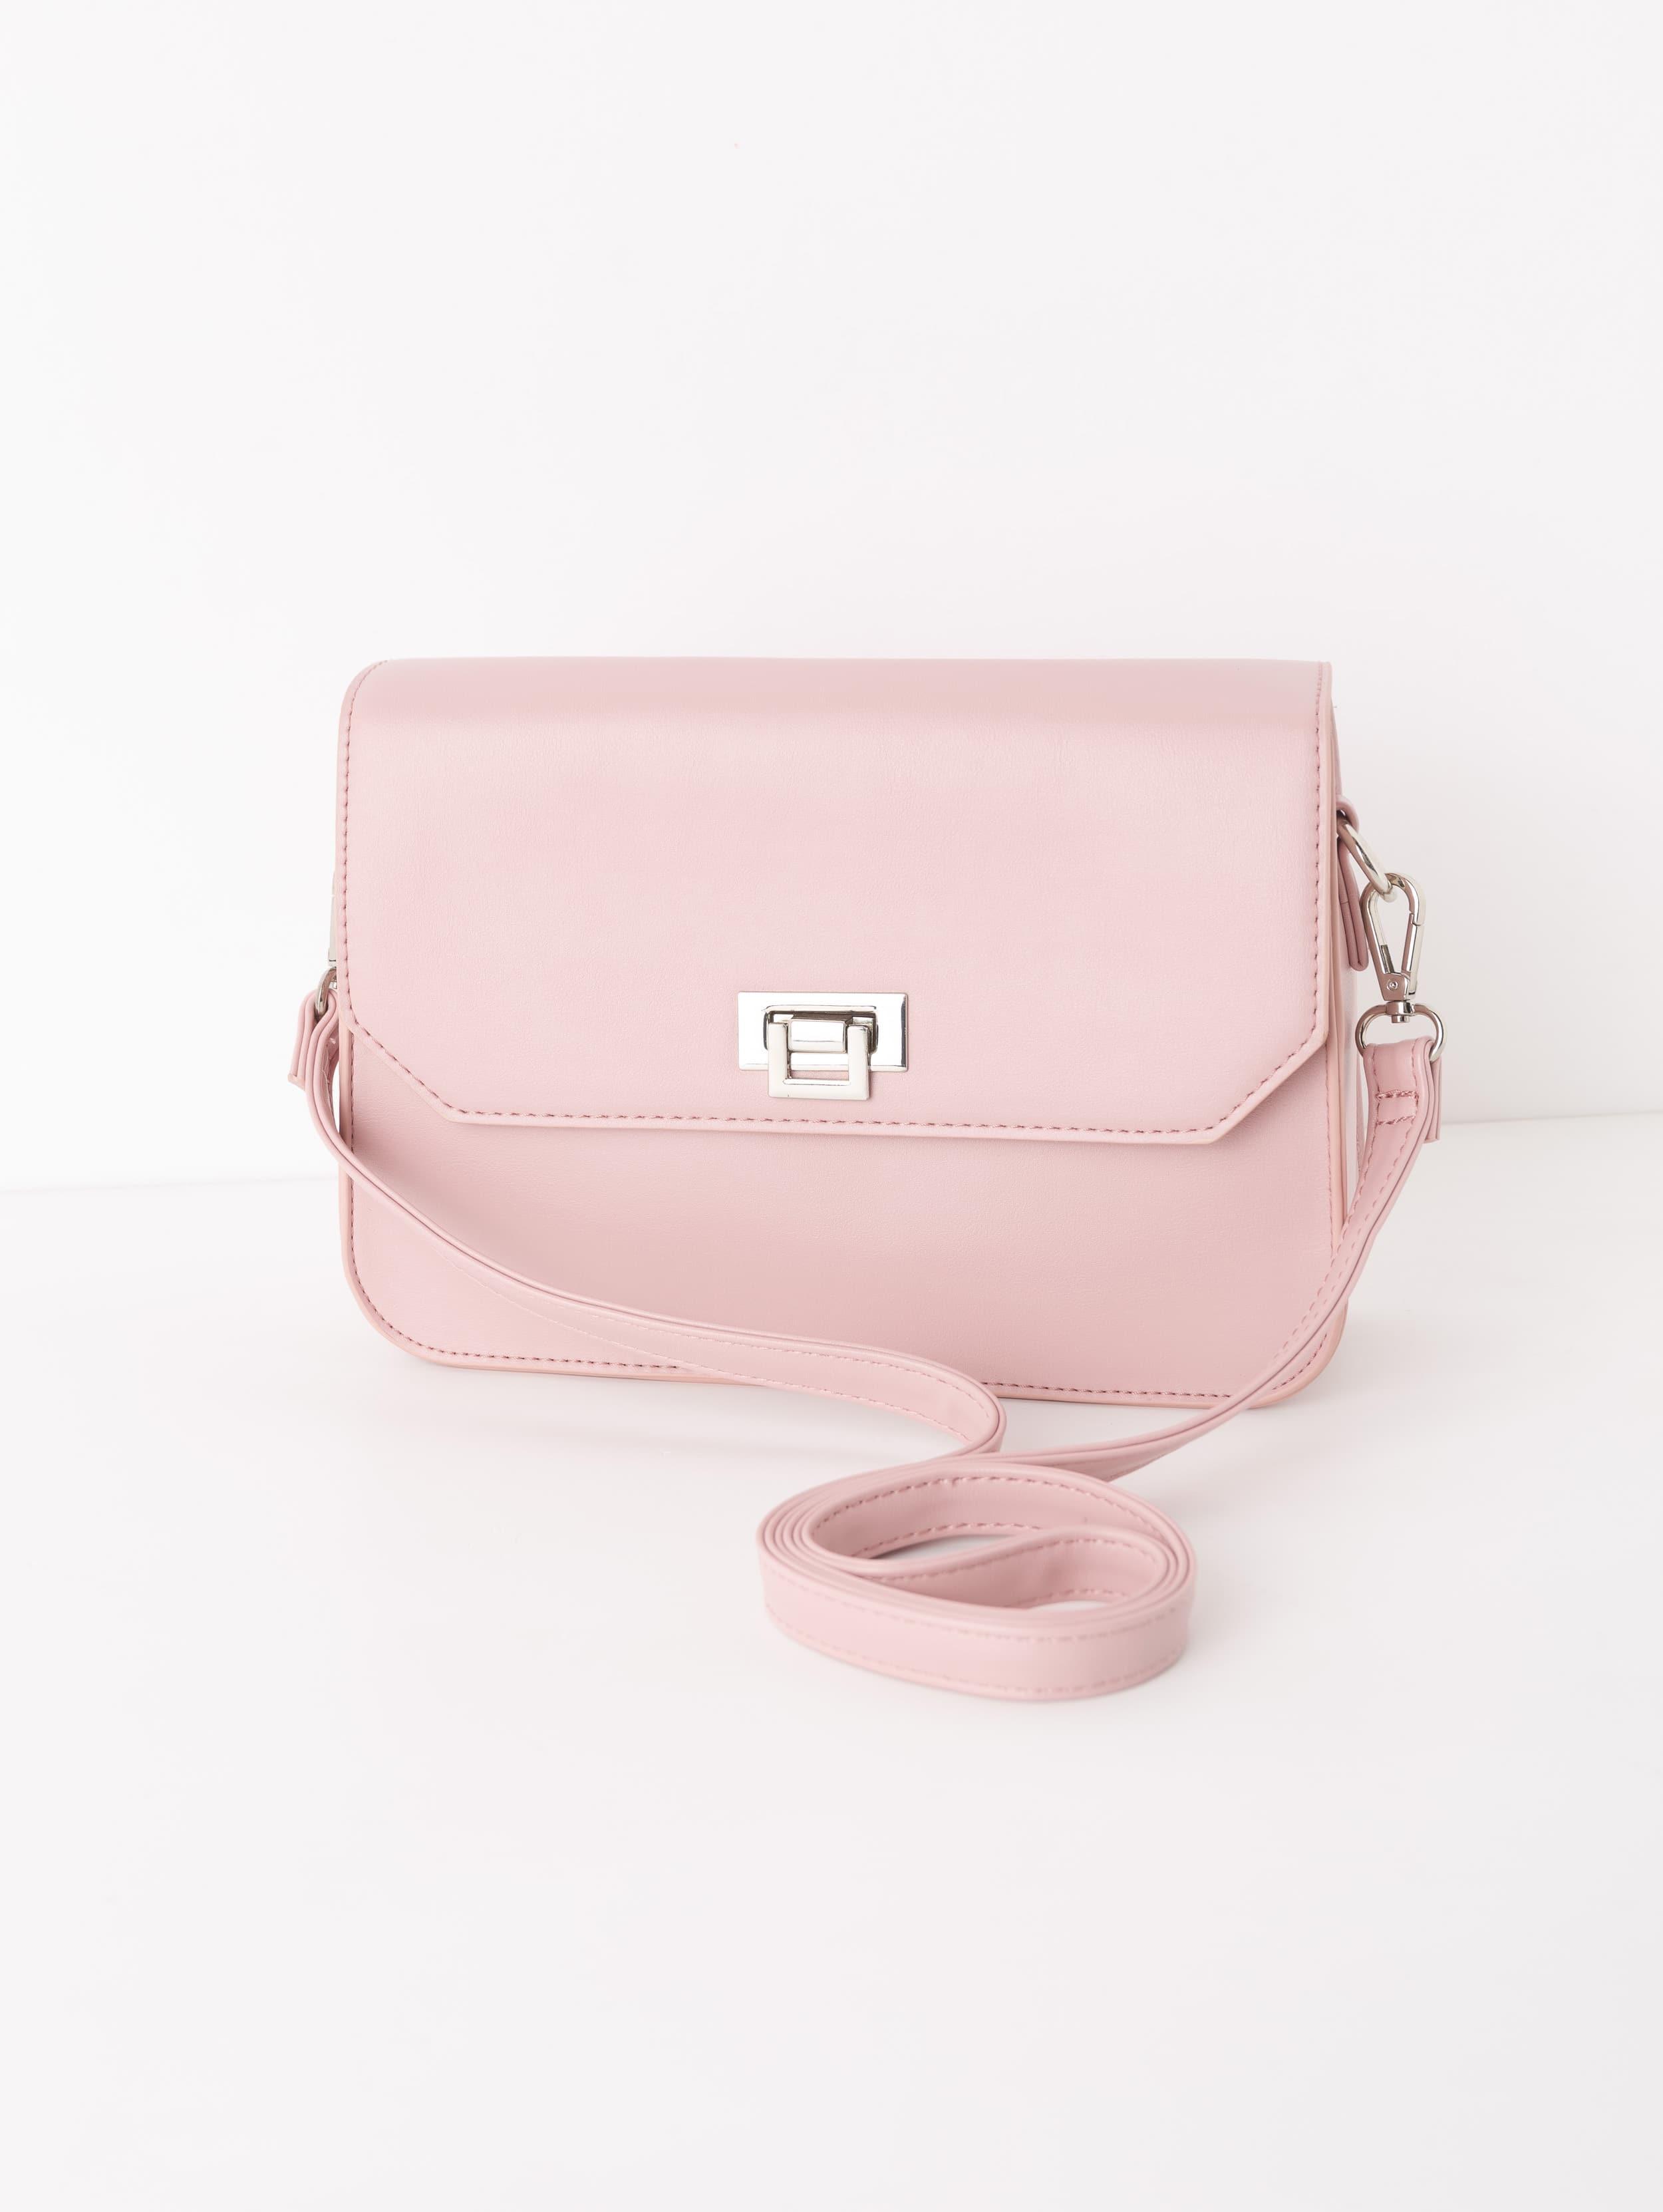 Tracolla rosa pastello Terranova a 17,99 euro